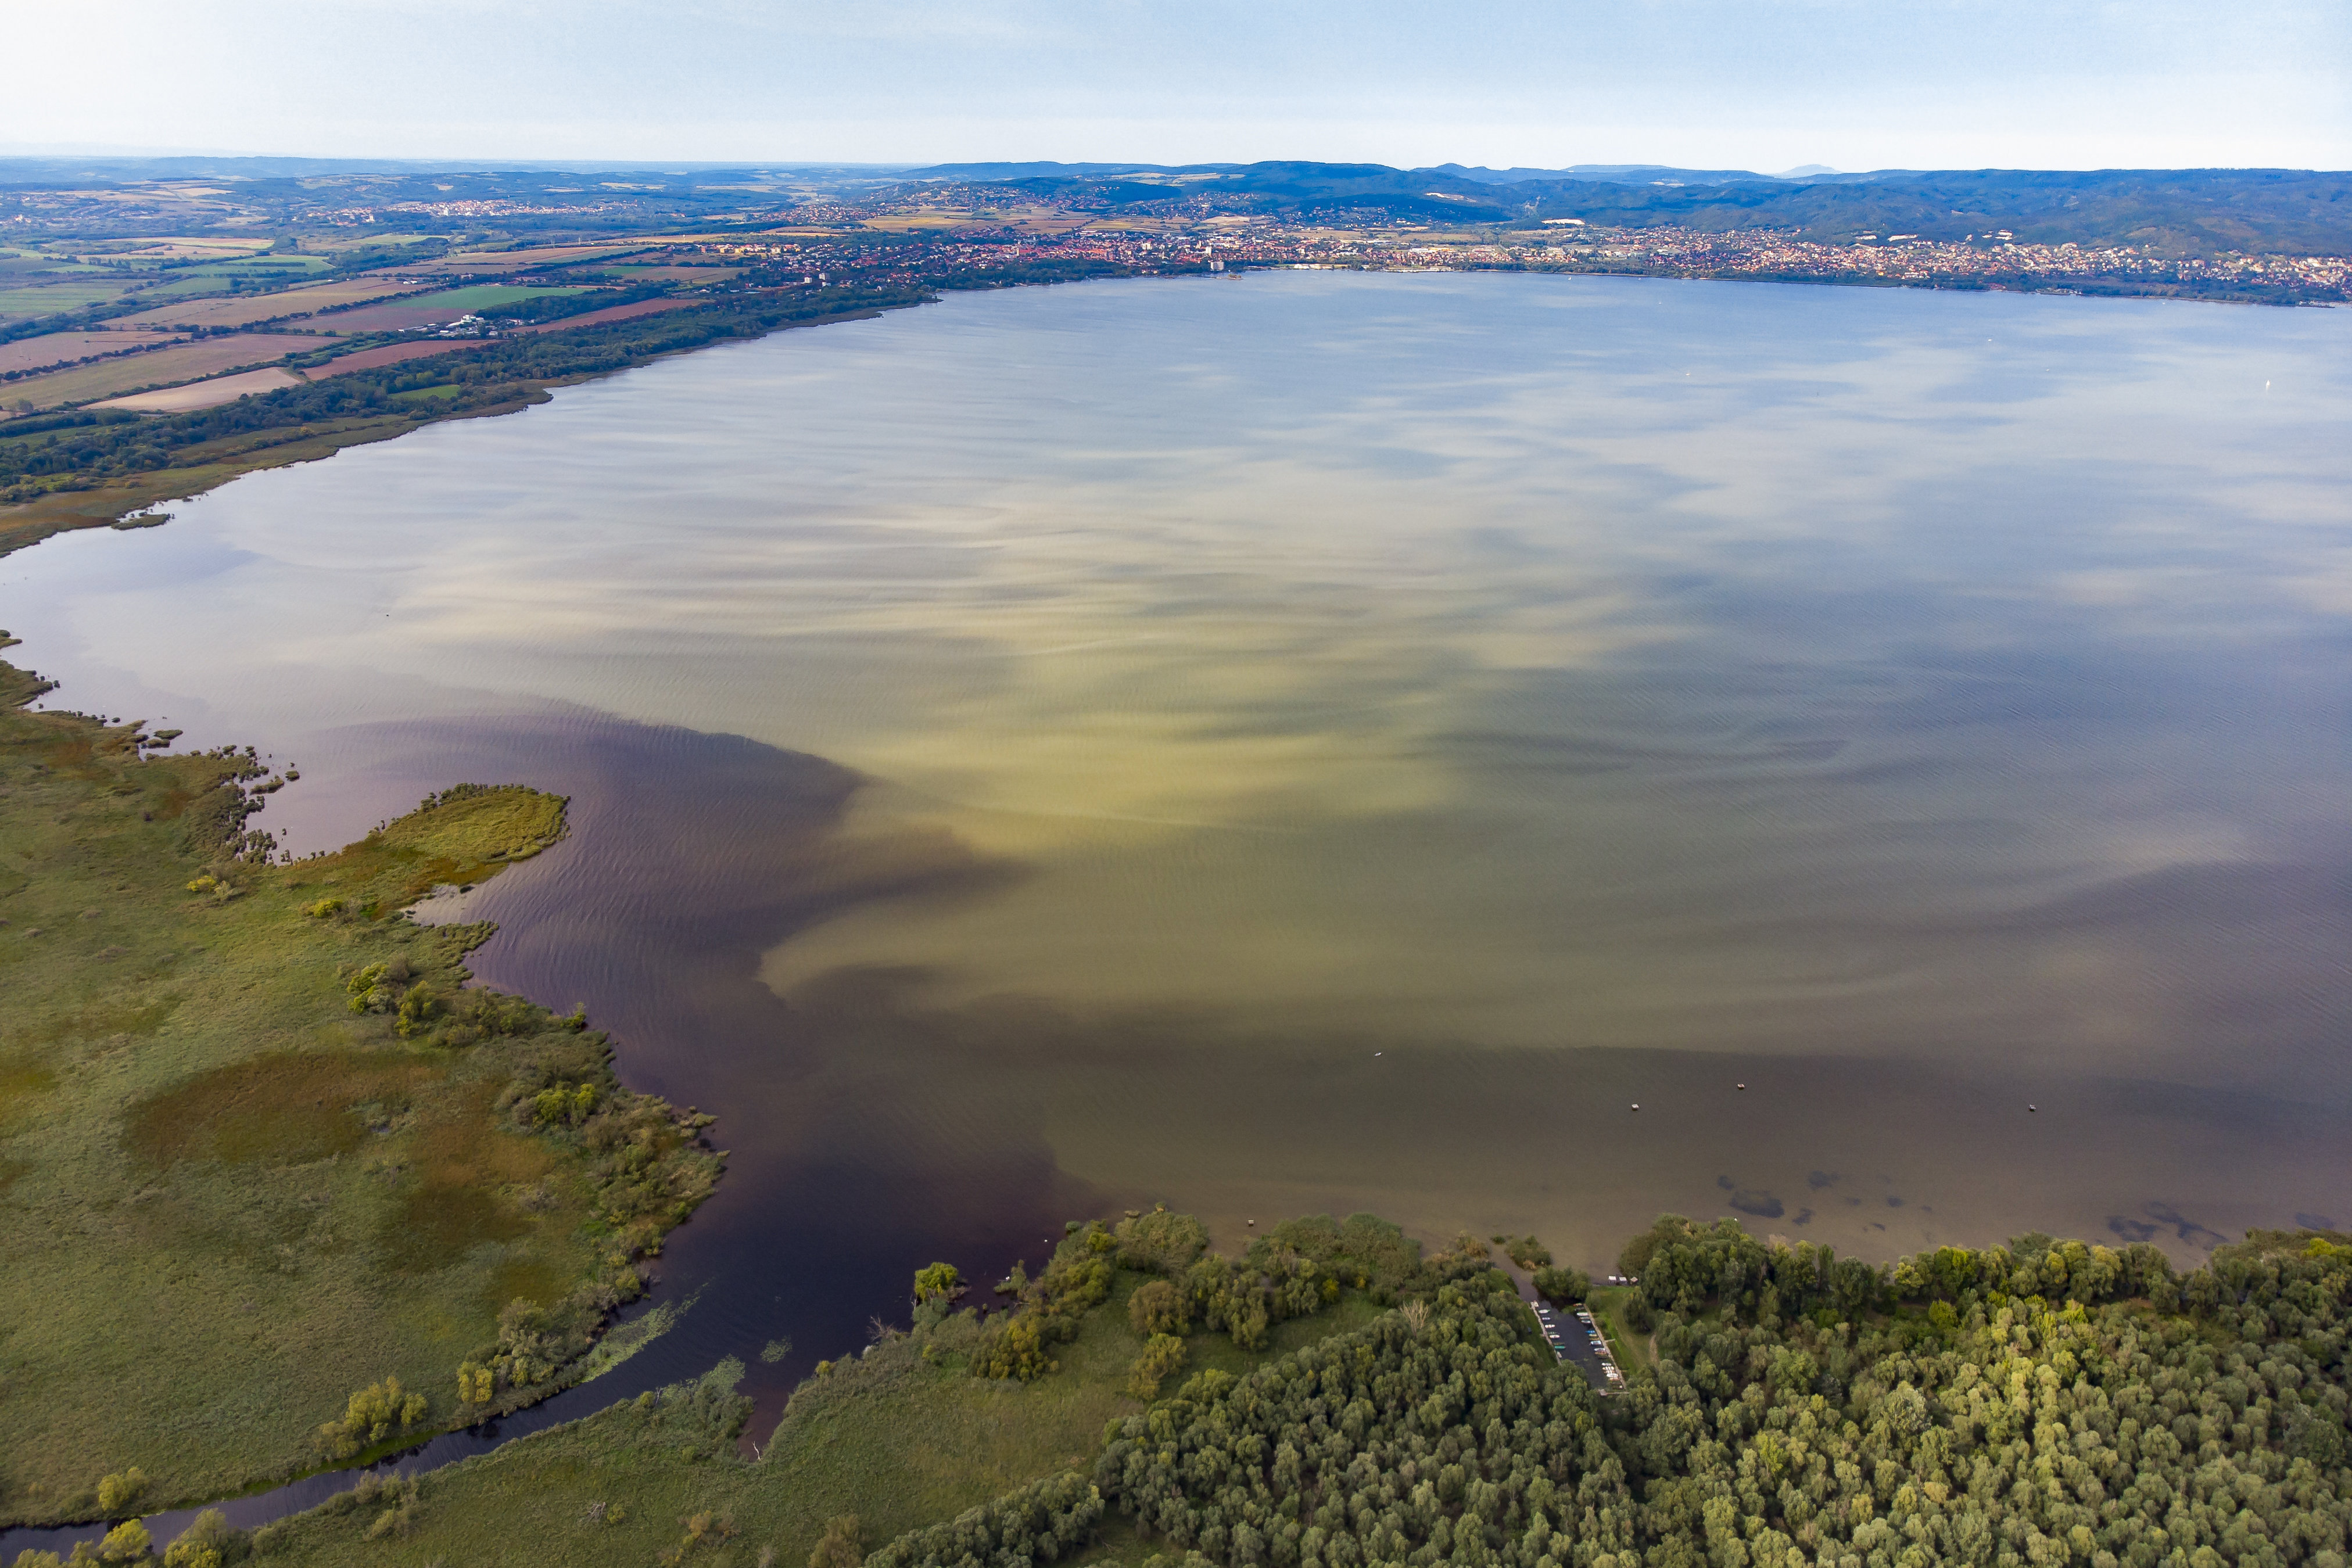 Augusztus végén a Balatonban másfélszer annyi alga volt, mint az 1982-es nagy algásodás csúcsán